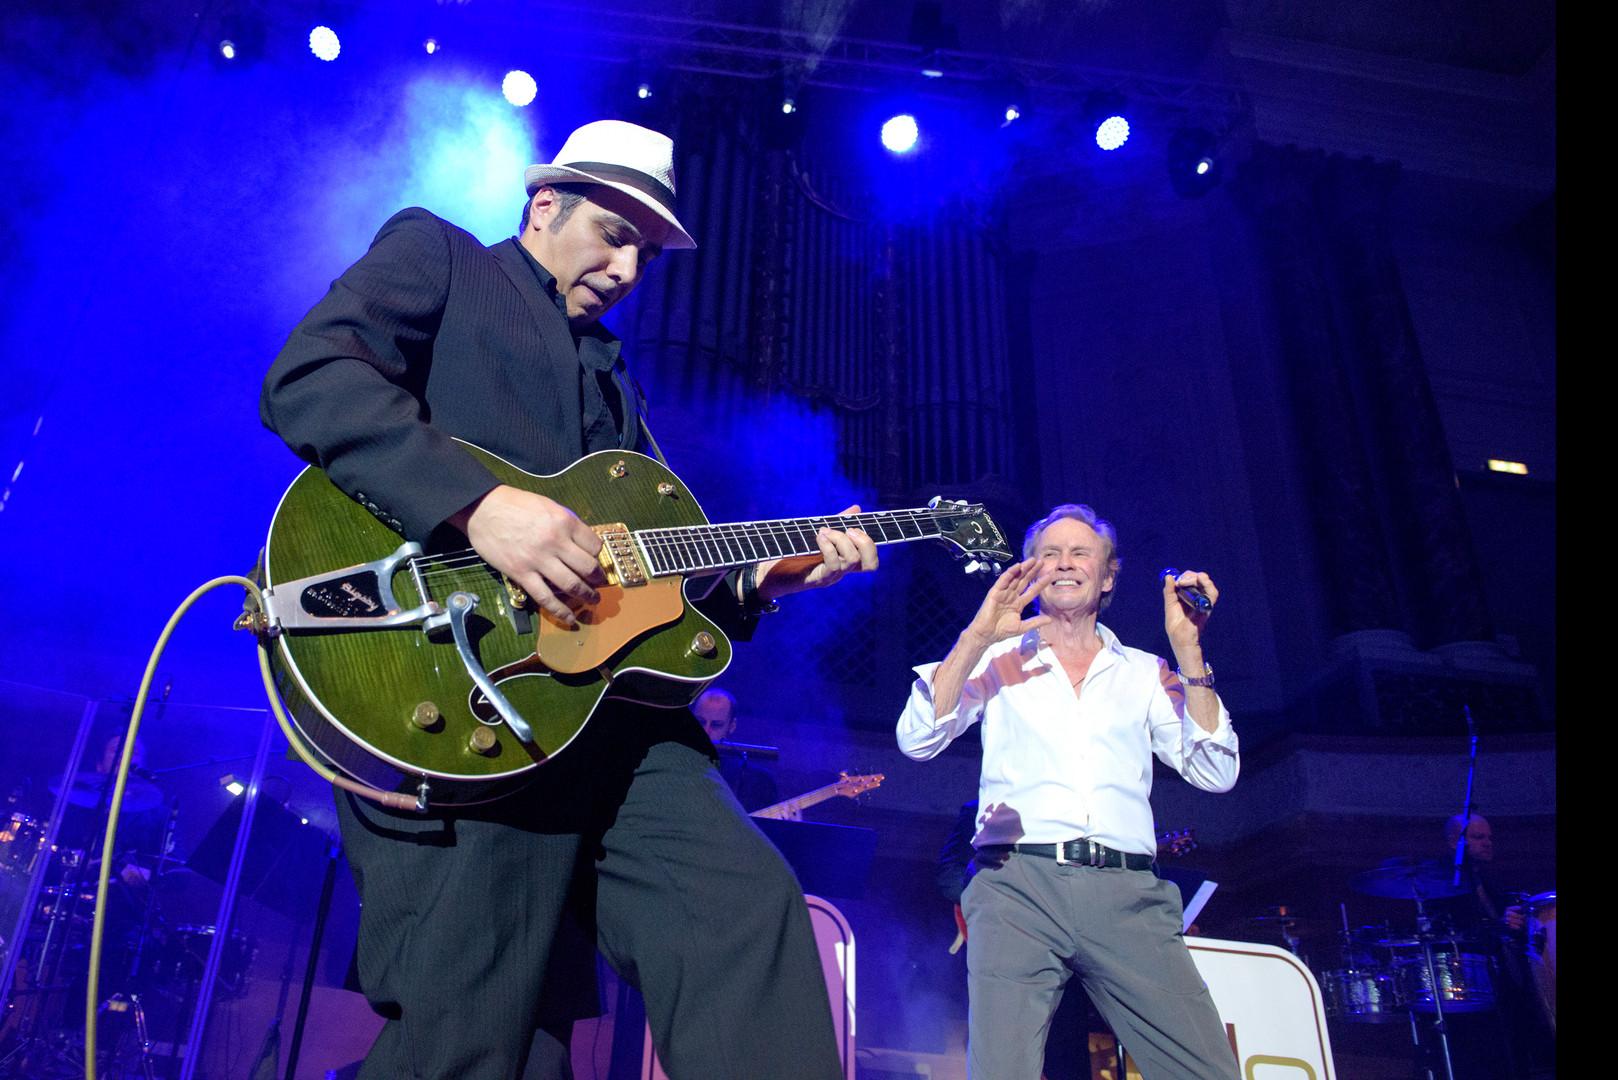 Music Night mit Peter Kraus & Andriano Tolba